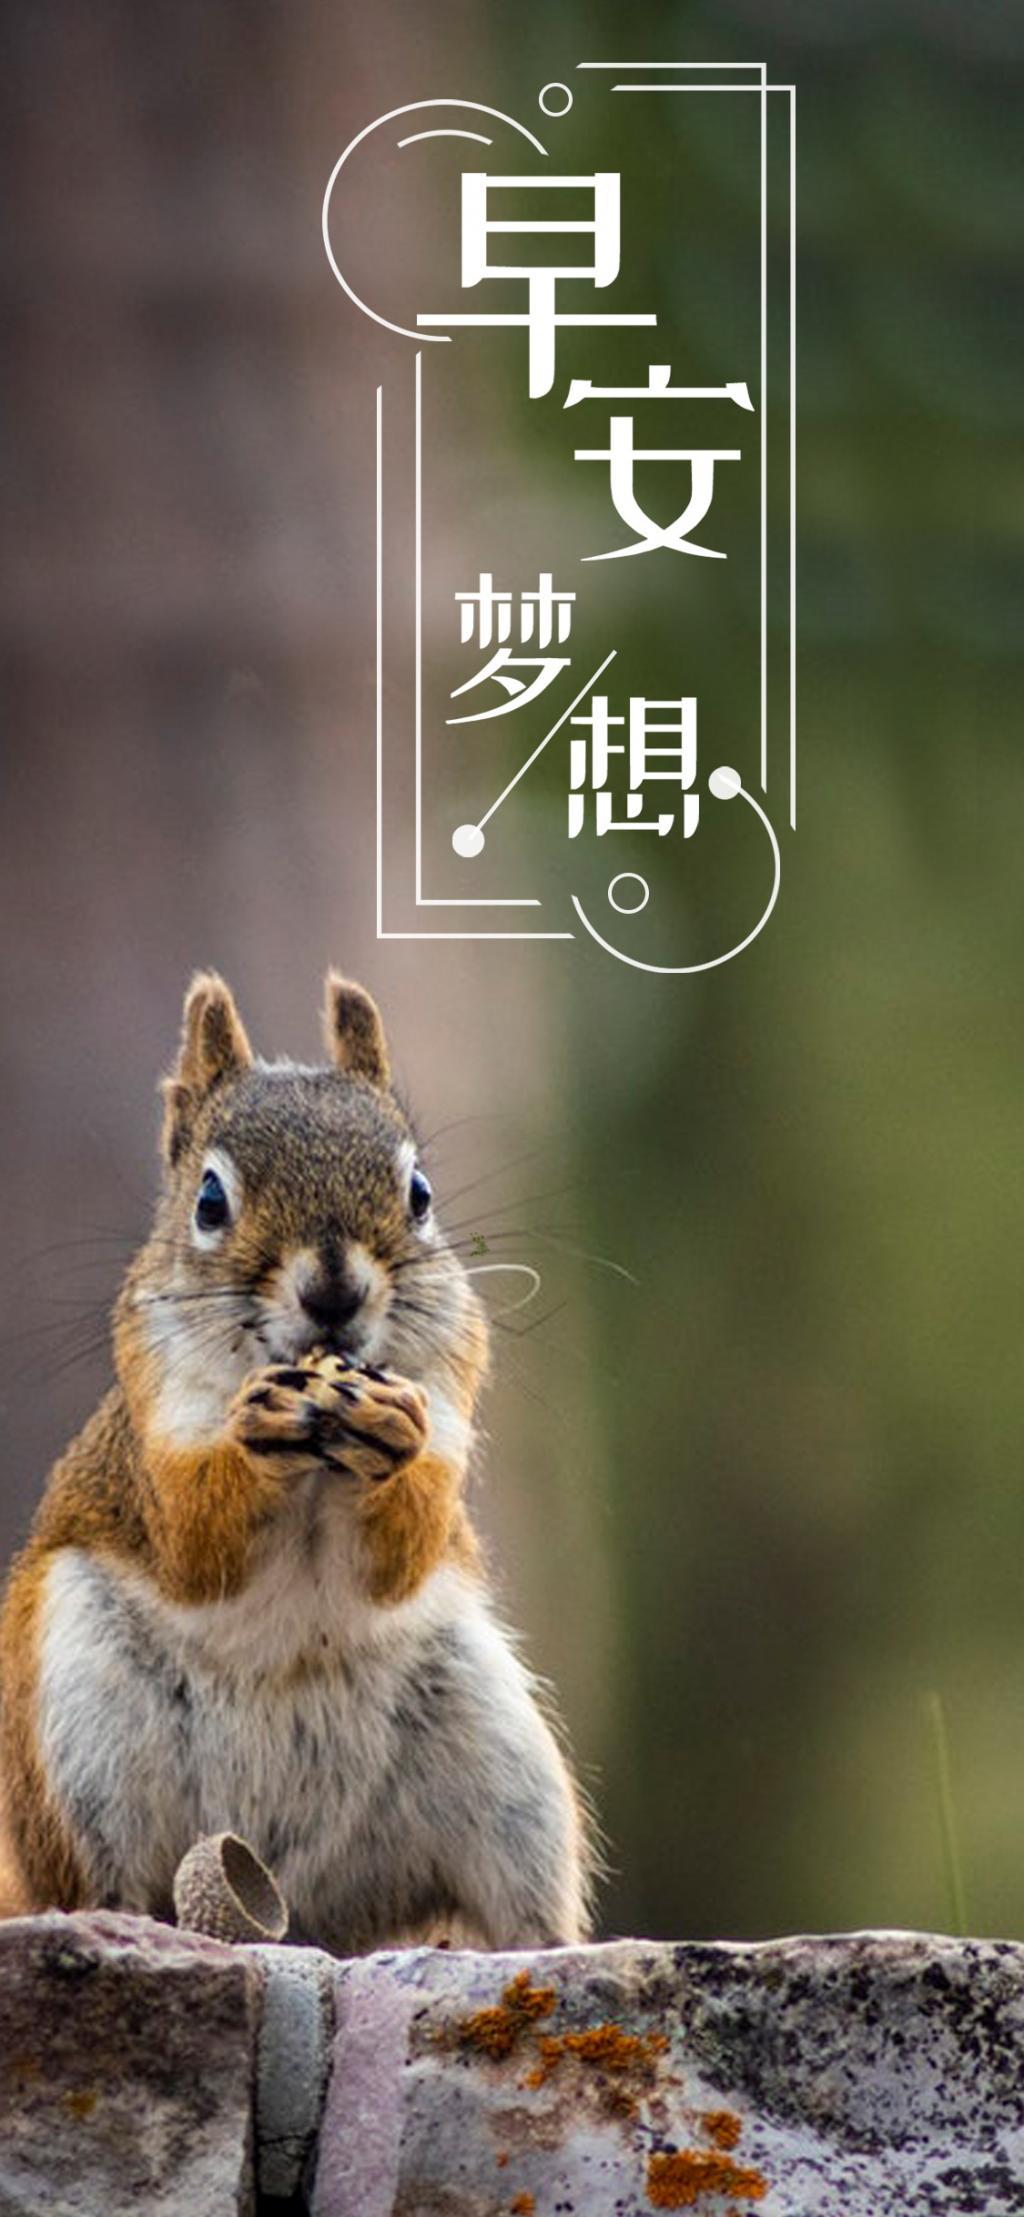 早安梦想/可爱的小松鼠